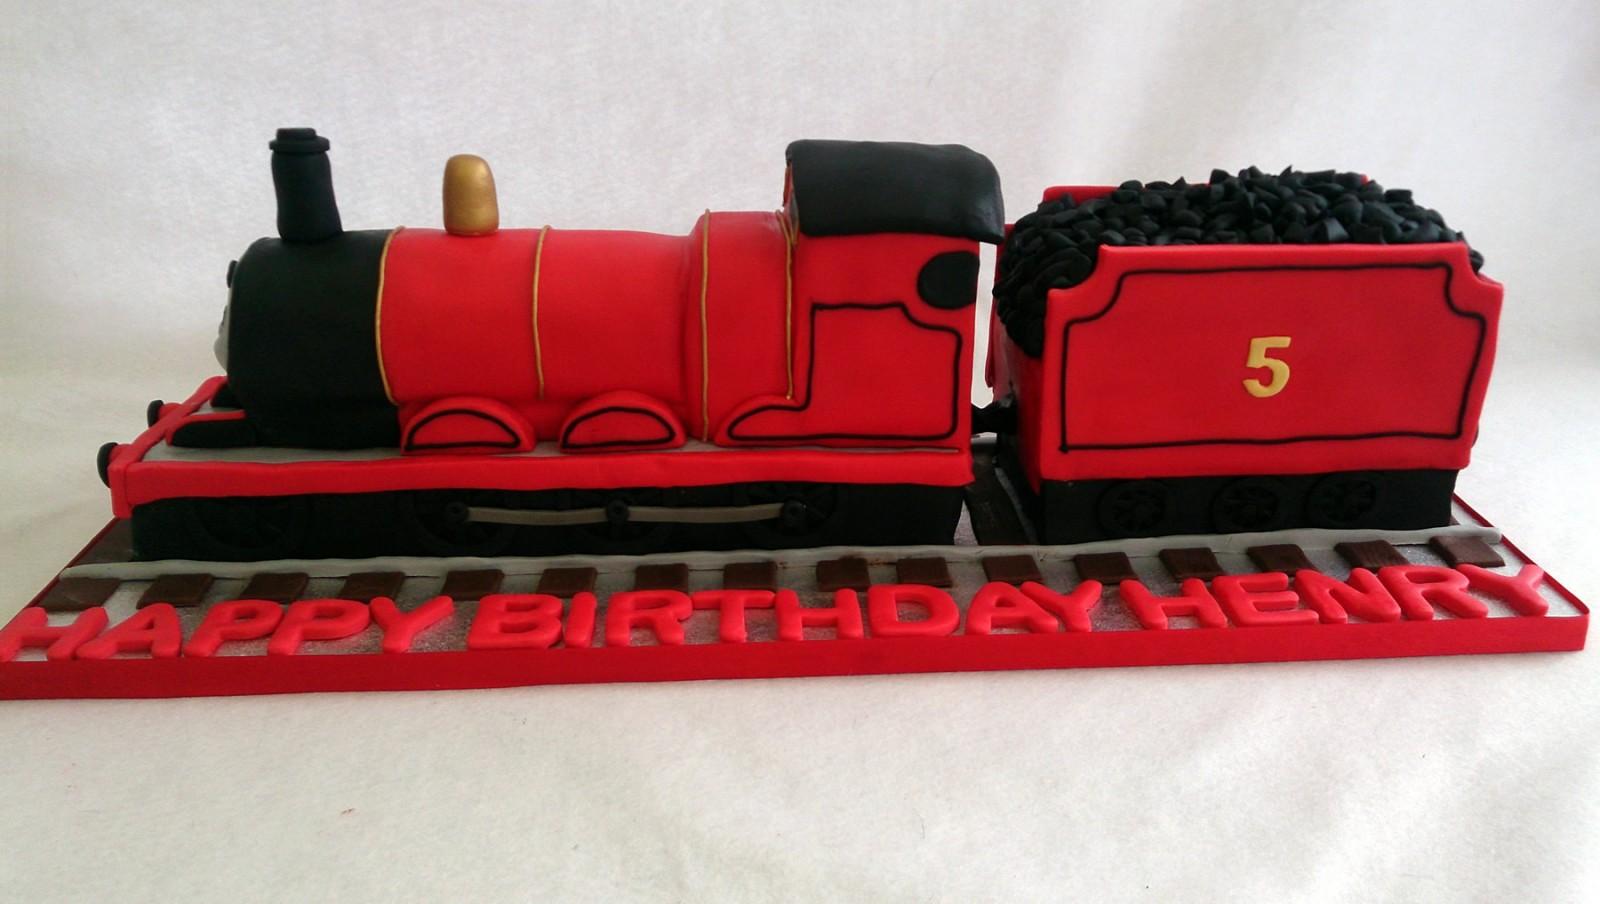 Awesome James Thomas The Tank Engine Birthday Cake Susies Cakes Personalised Birthday Cards Sponlily Jamesorg